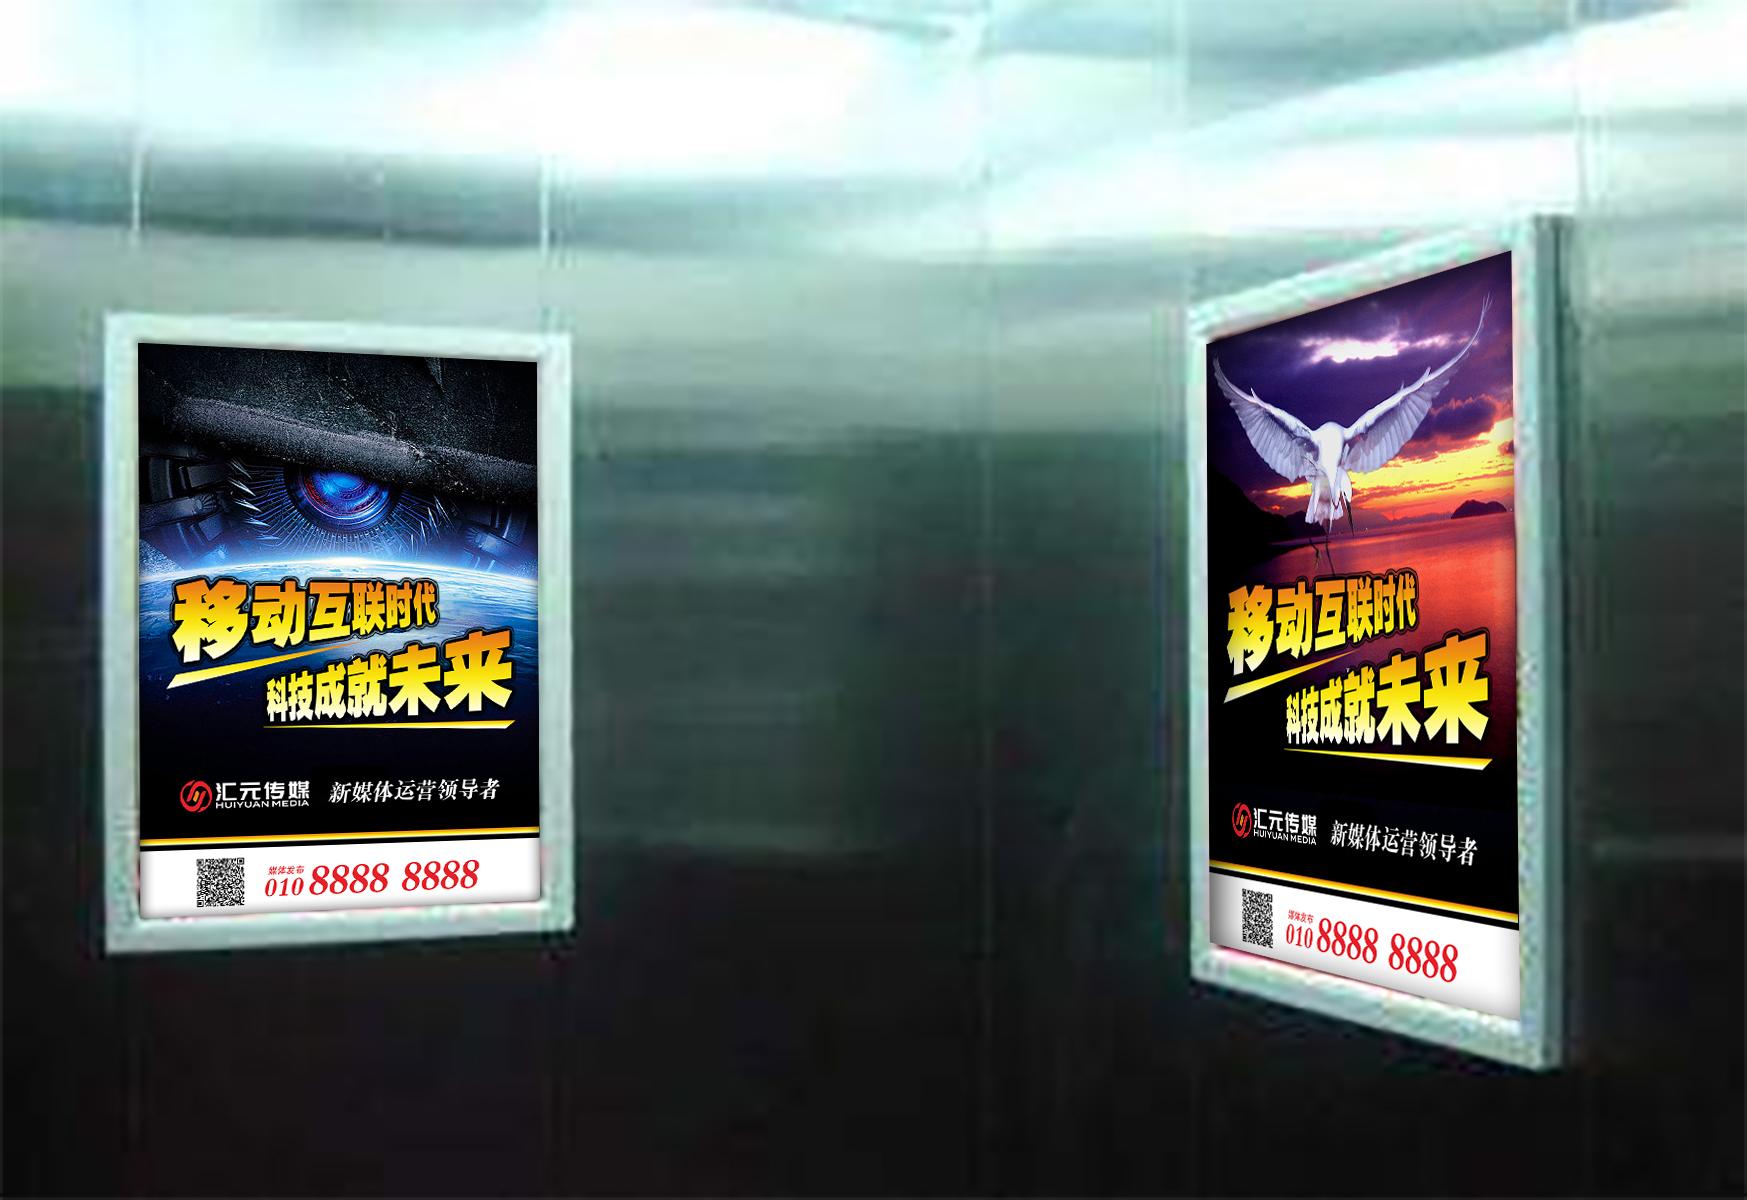 电梯广告招商的海报_2966278_k68威客网